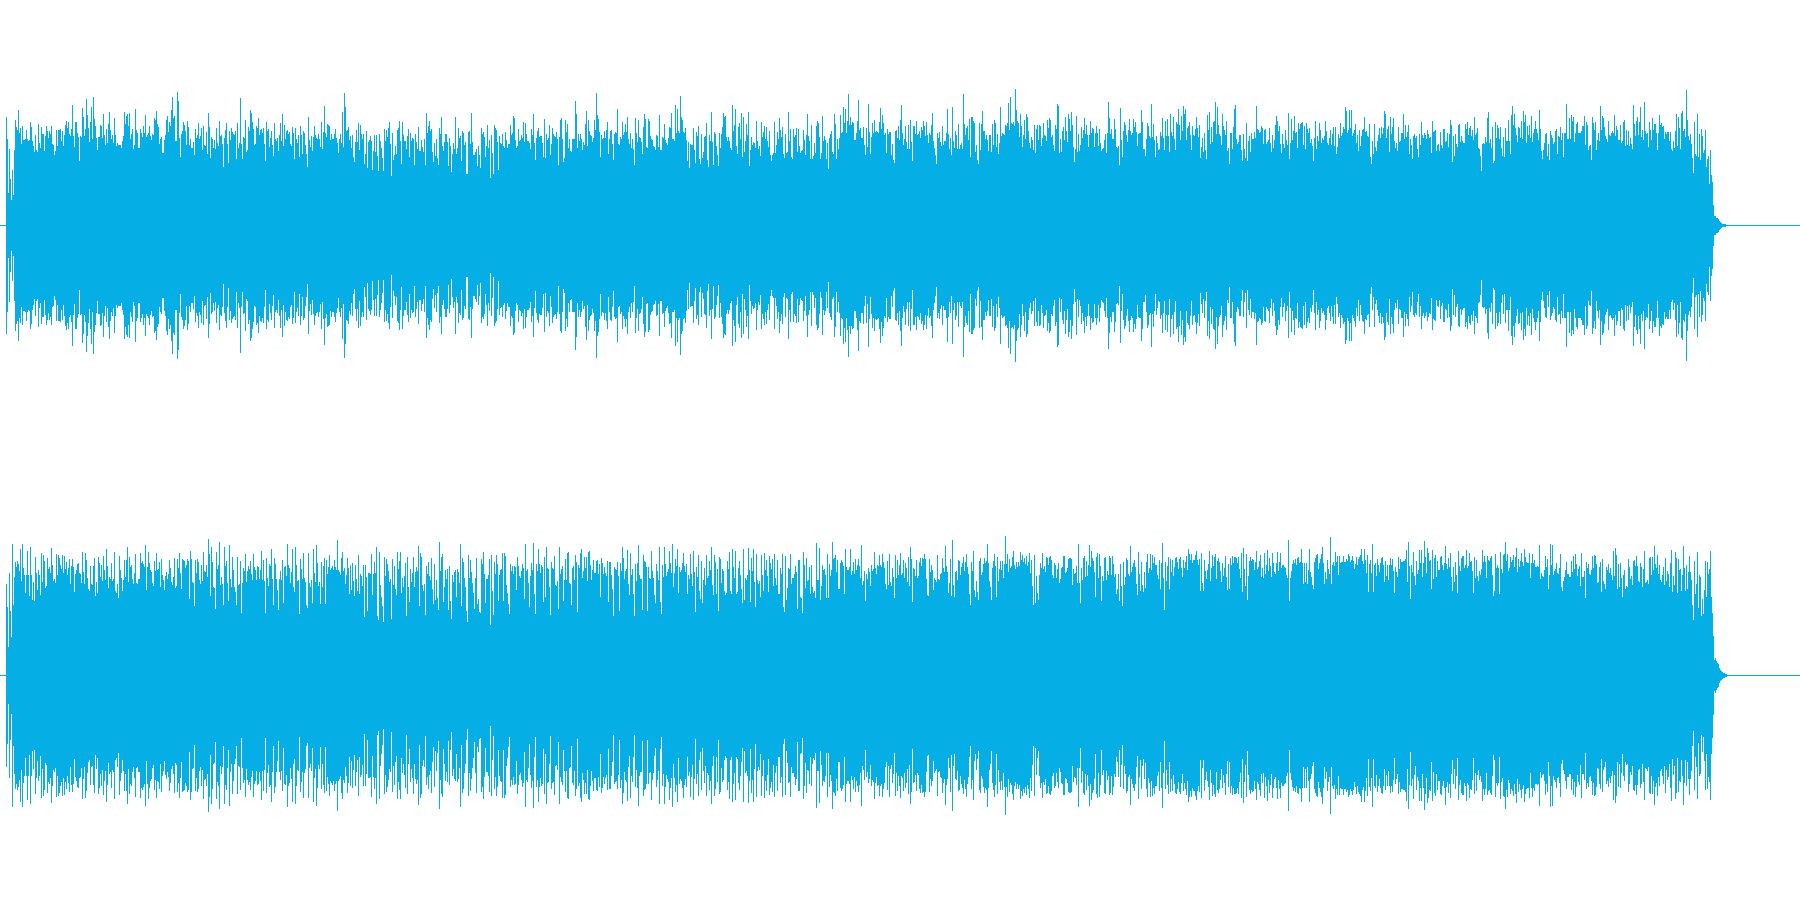 8ビートの疾走のポップフュージョンの再生済みの波形